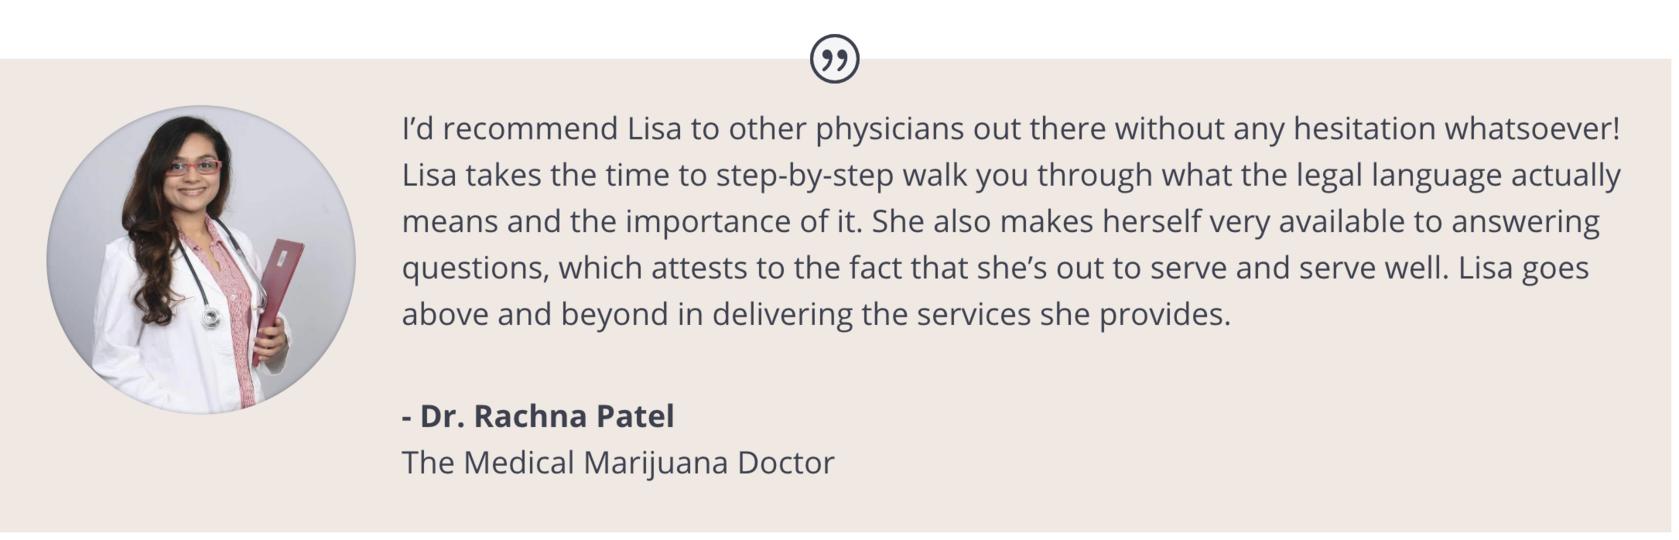 Rachna Patel Testimonial.png